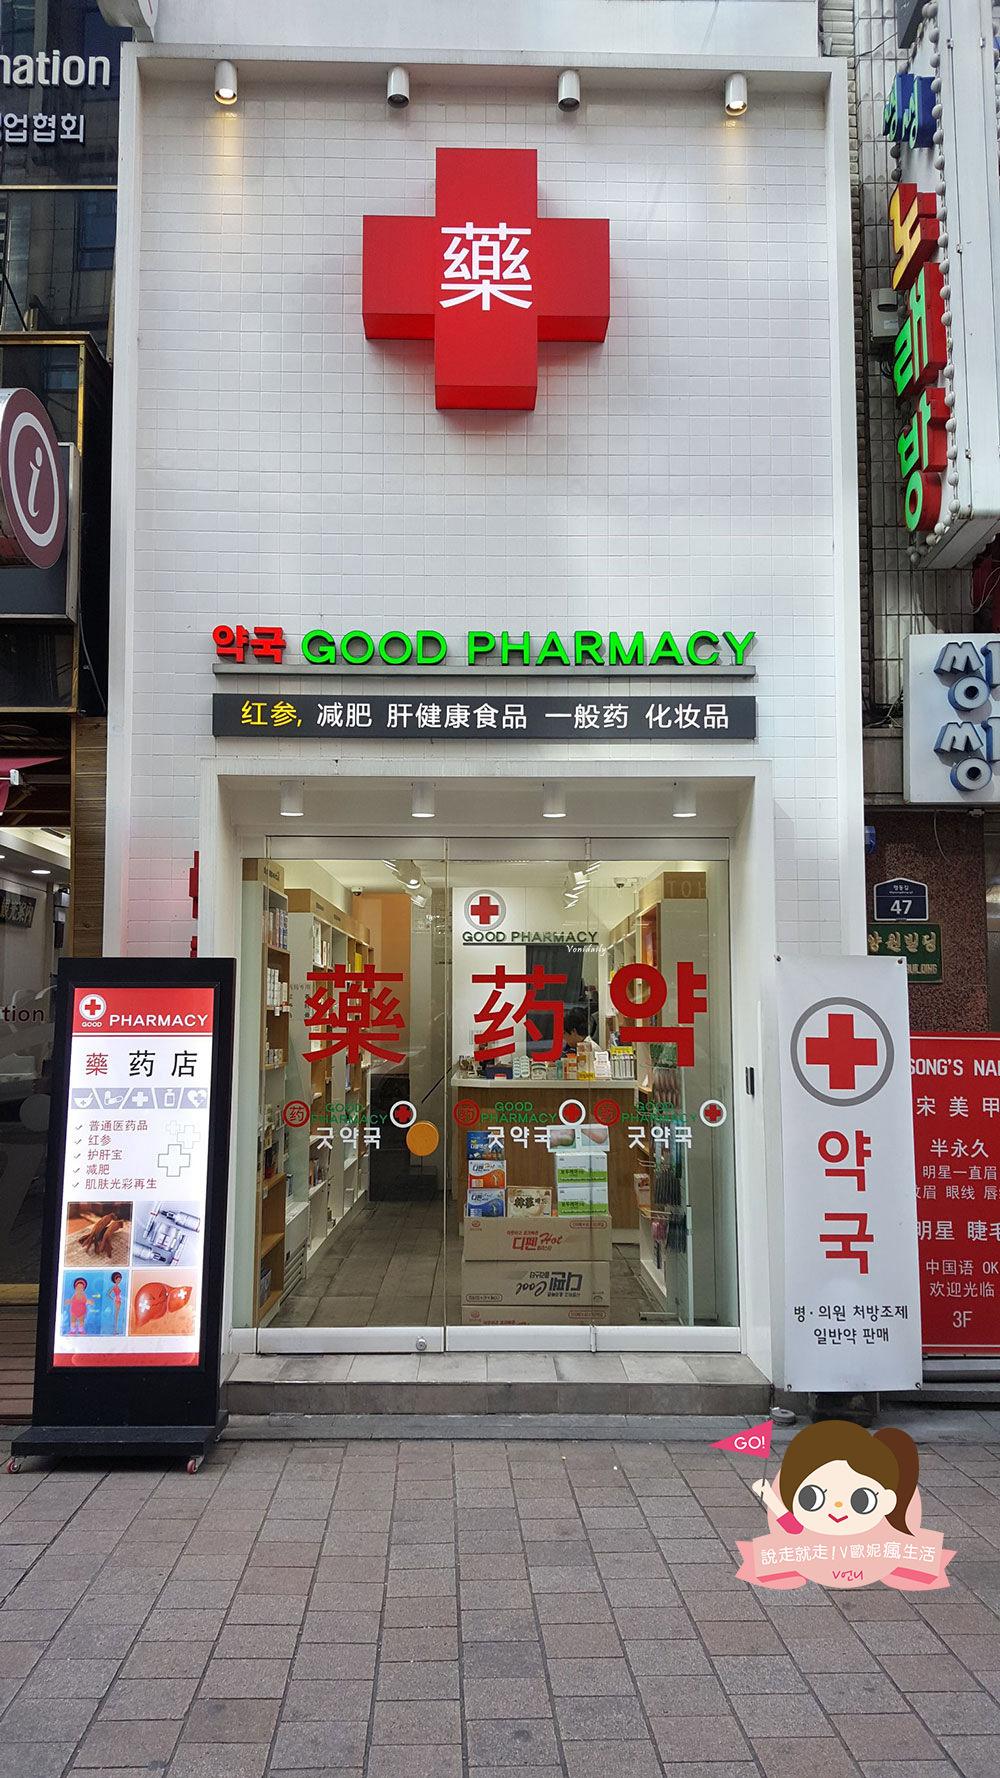 在韓國生病了怎麼辦